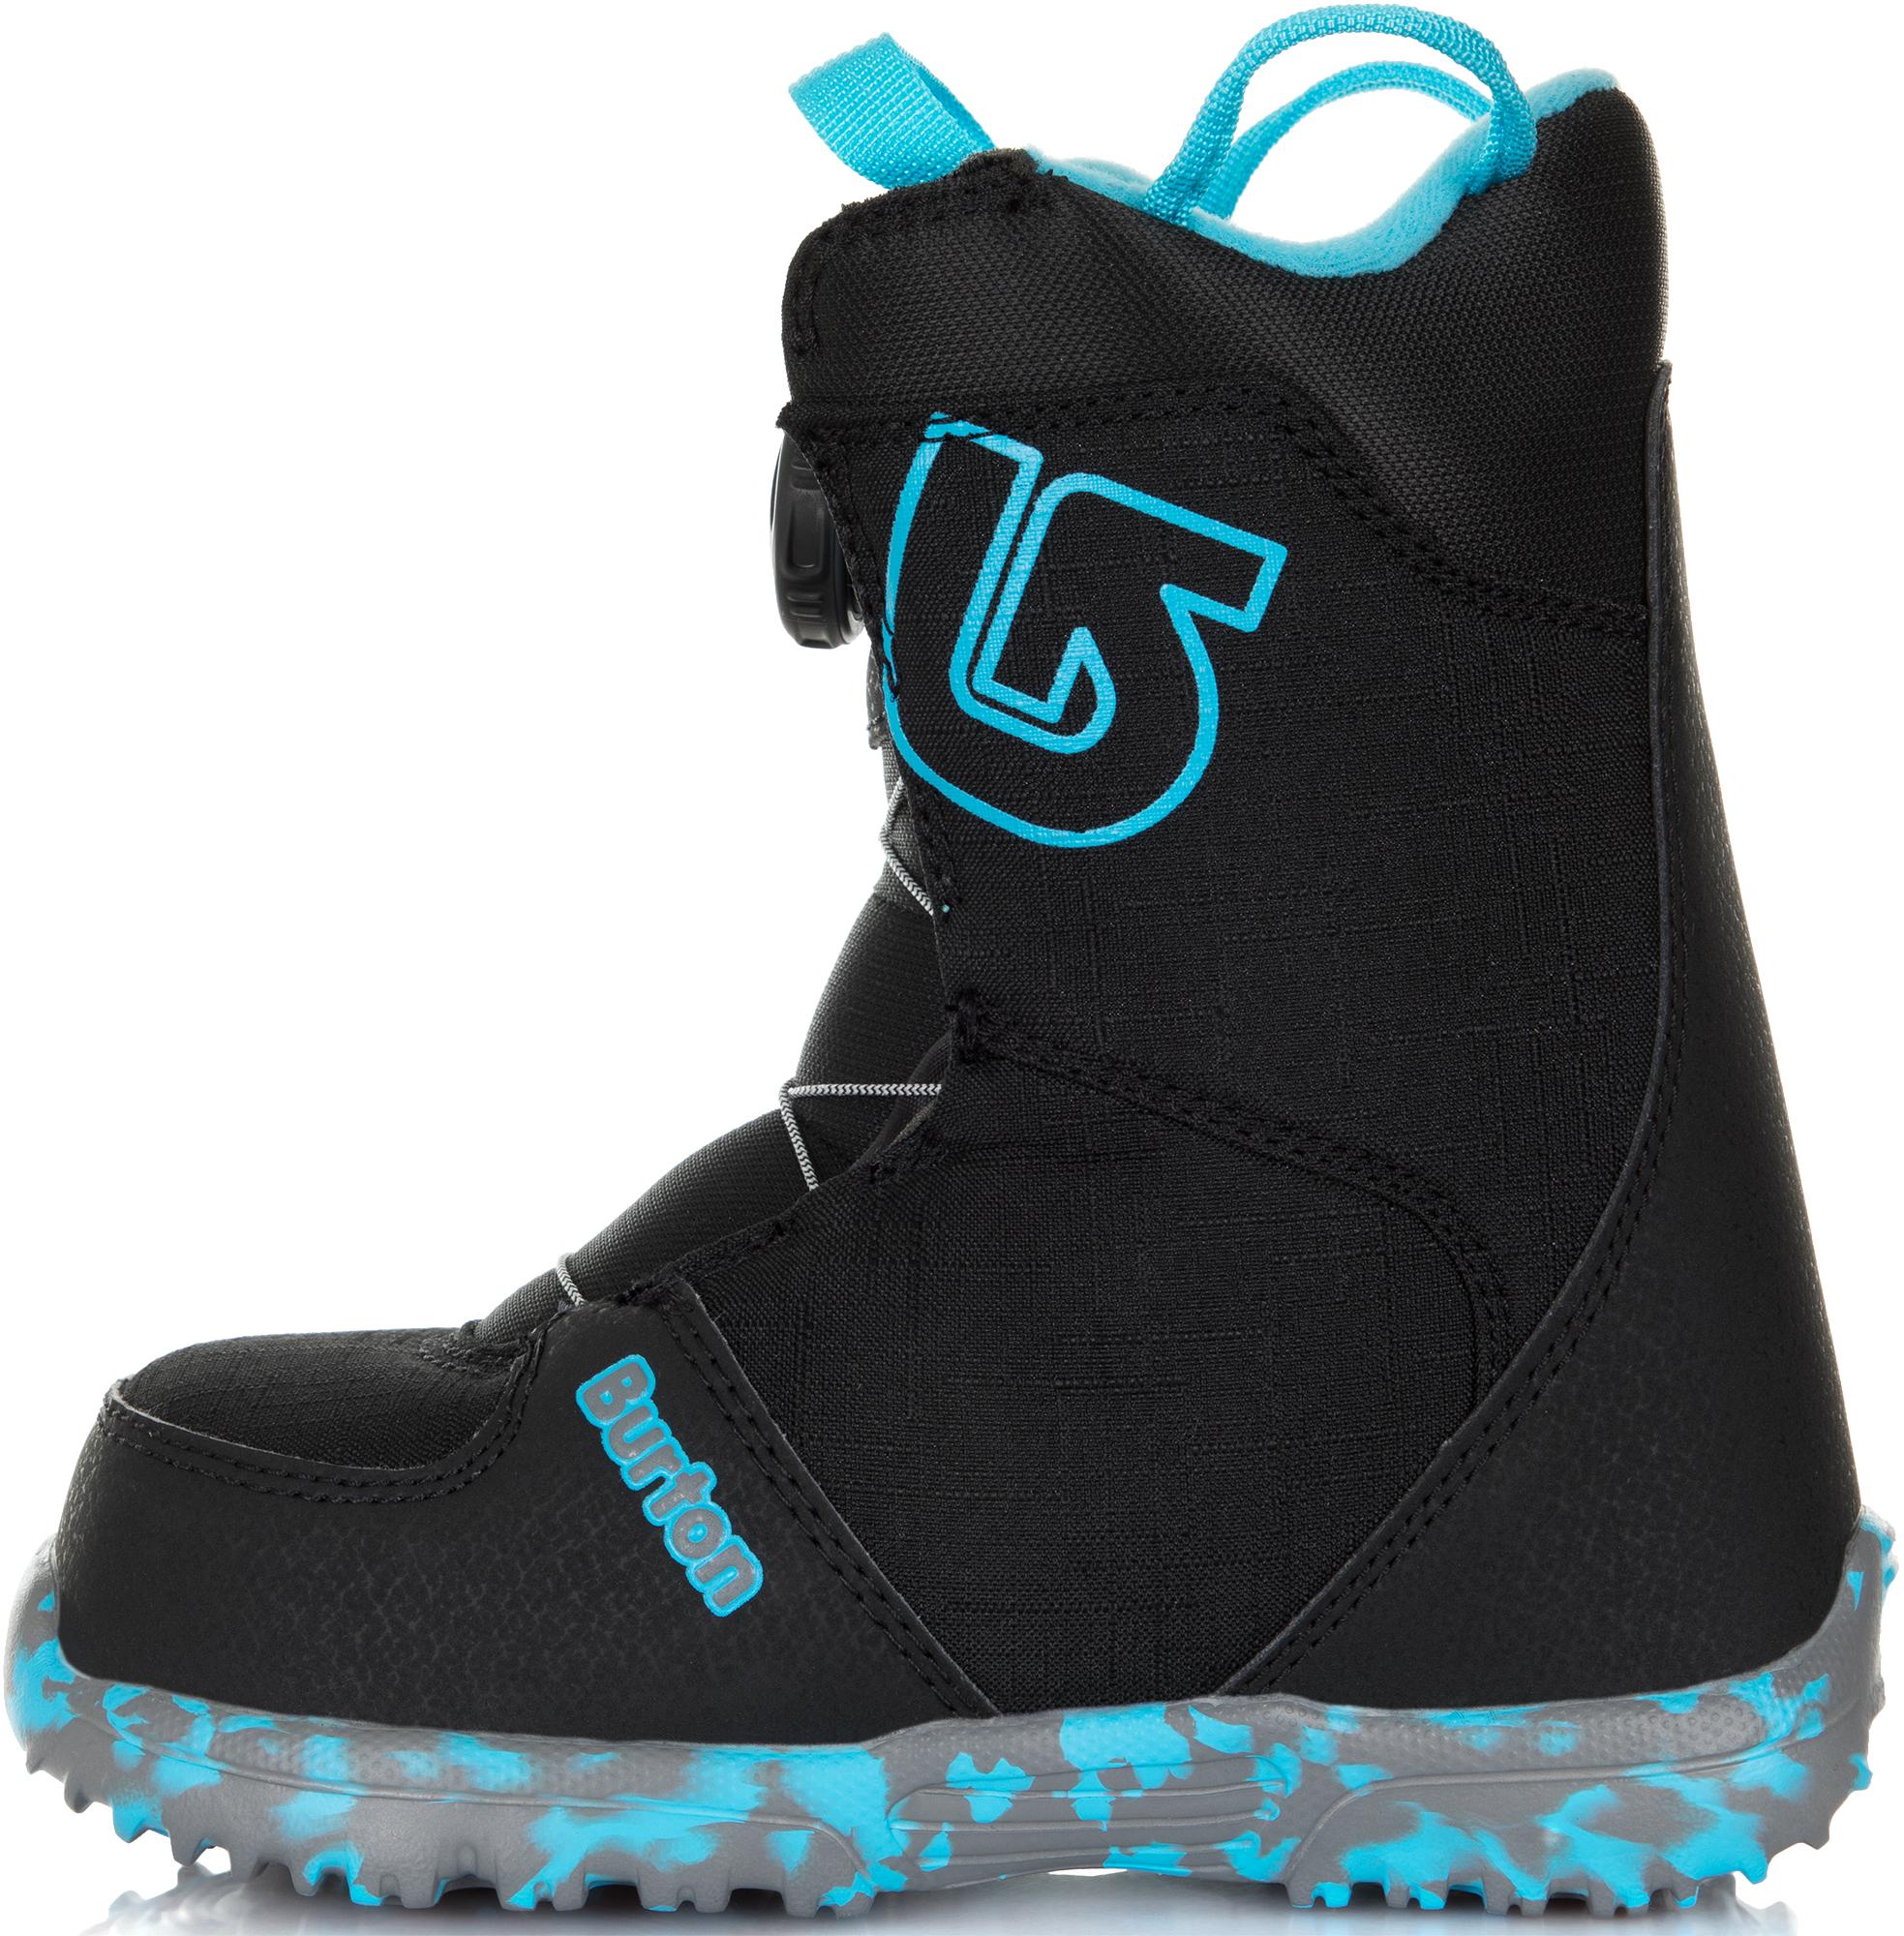 Burton Сноубордические ботинки детские Burton Grom Boa, размер 33 цена